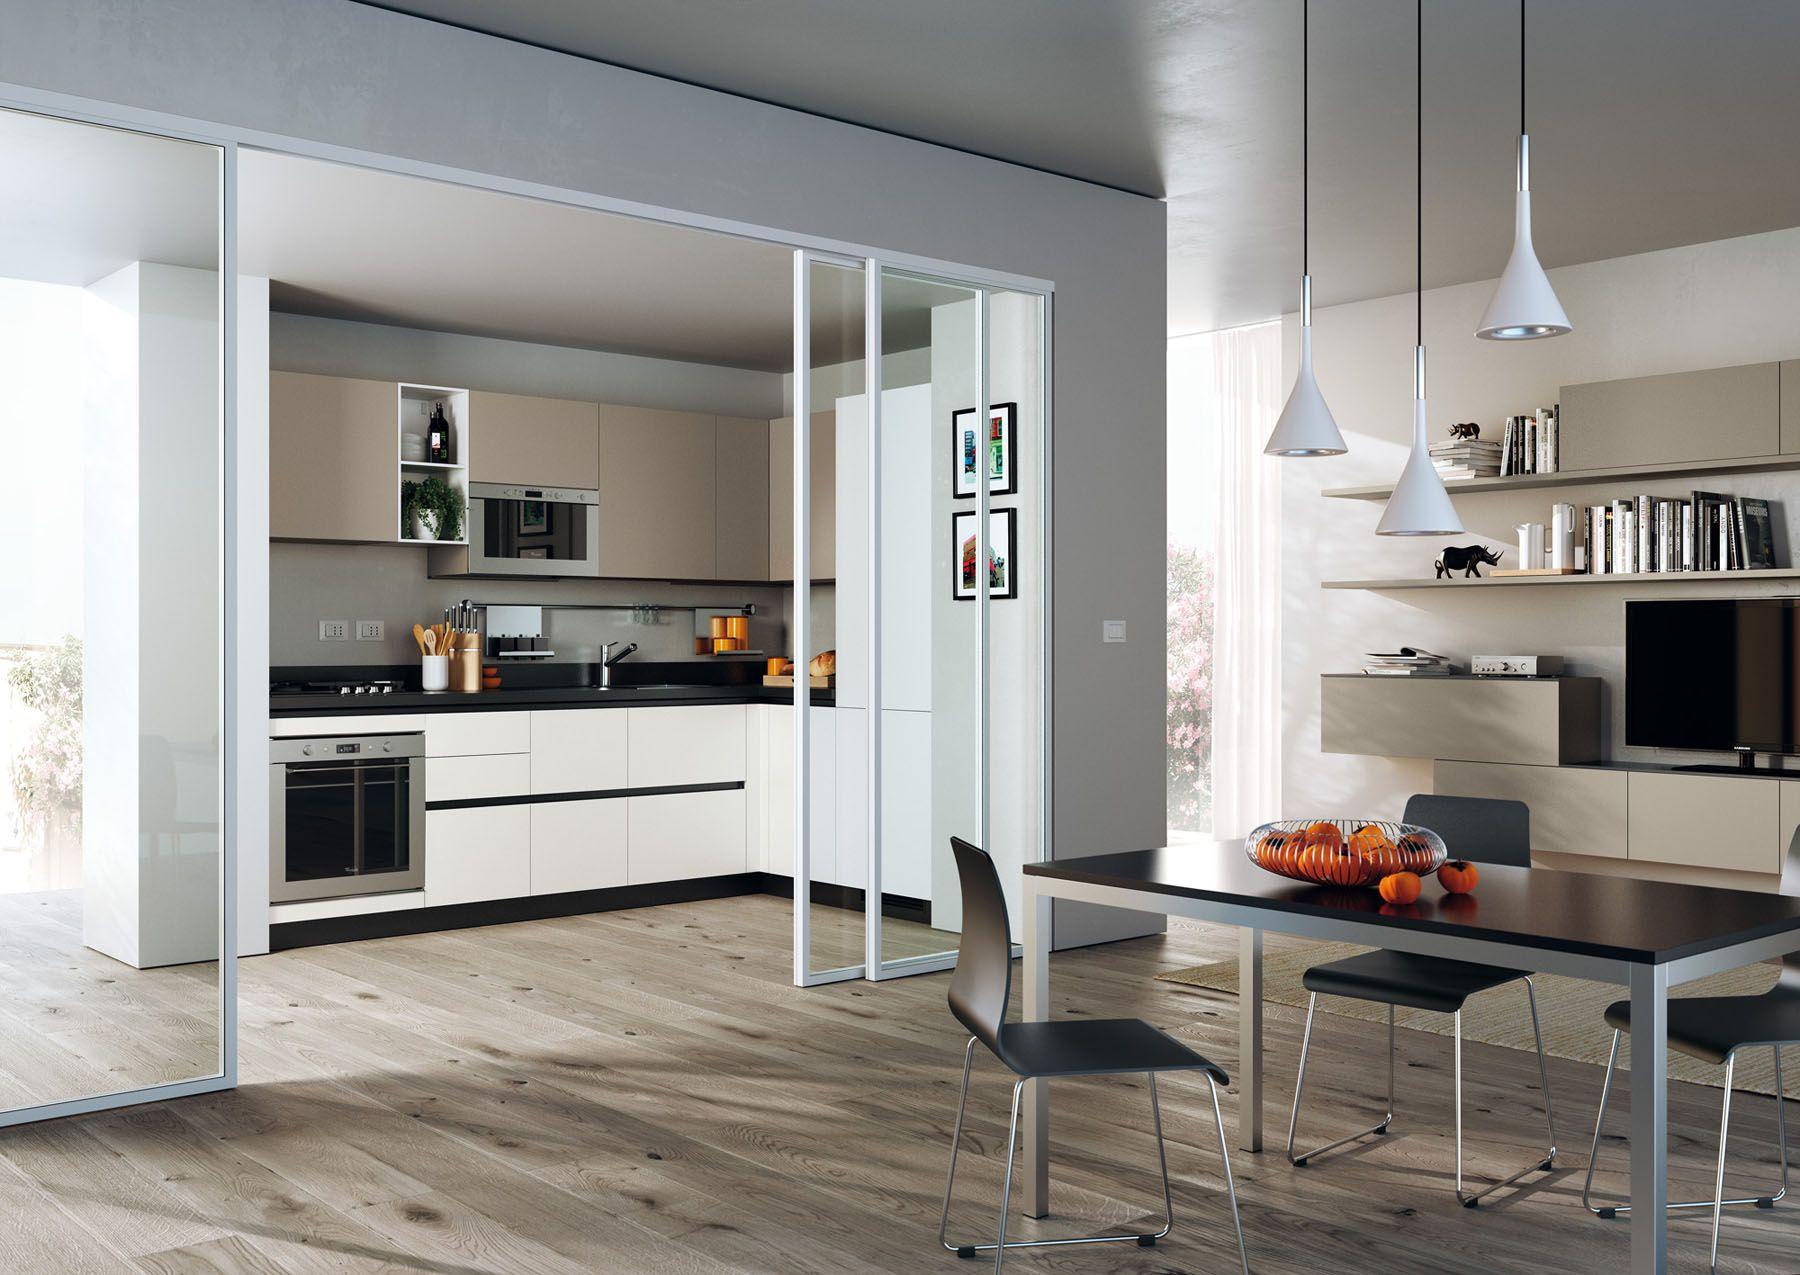 25 Fresco Arredamento Cucine Moderne